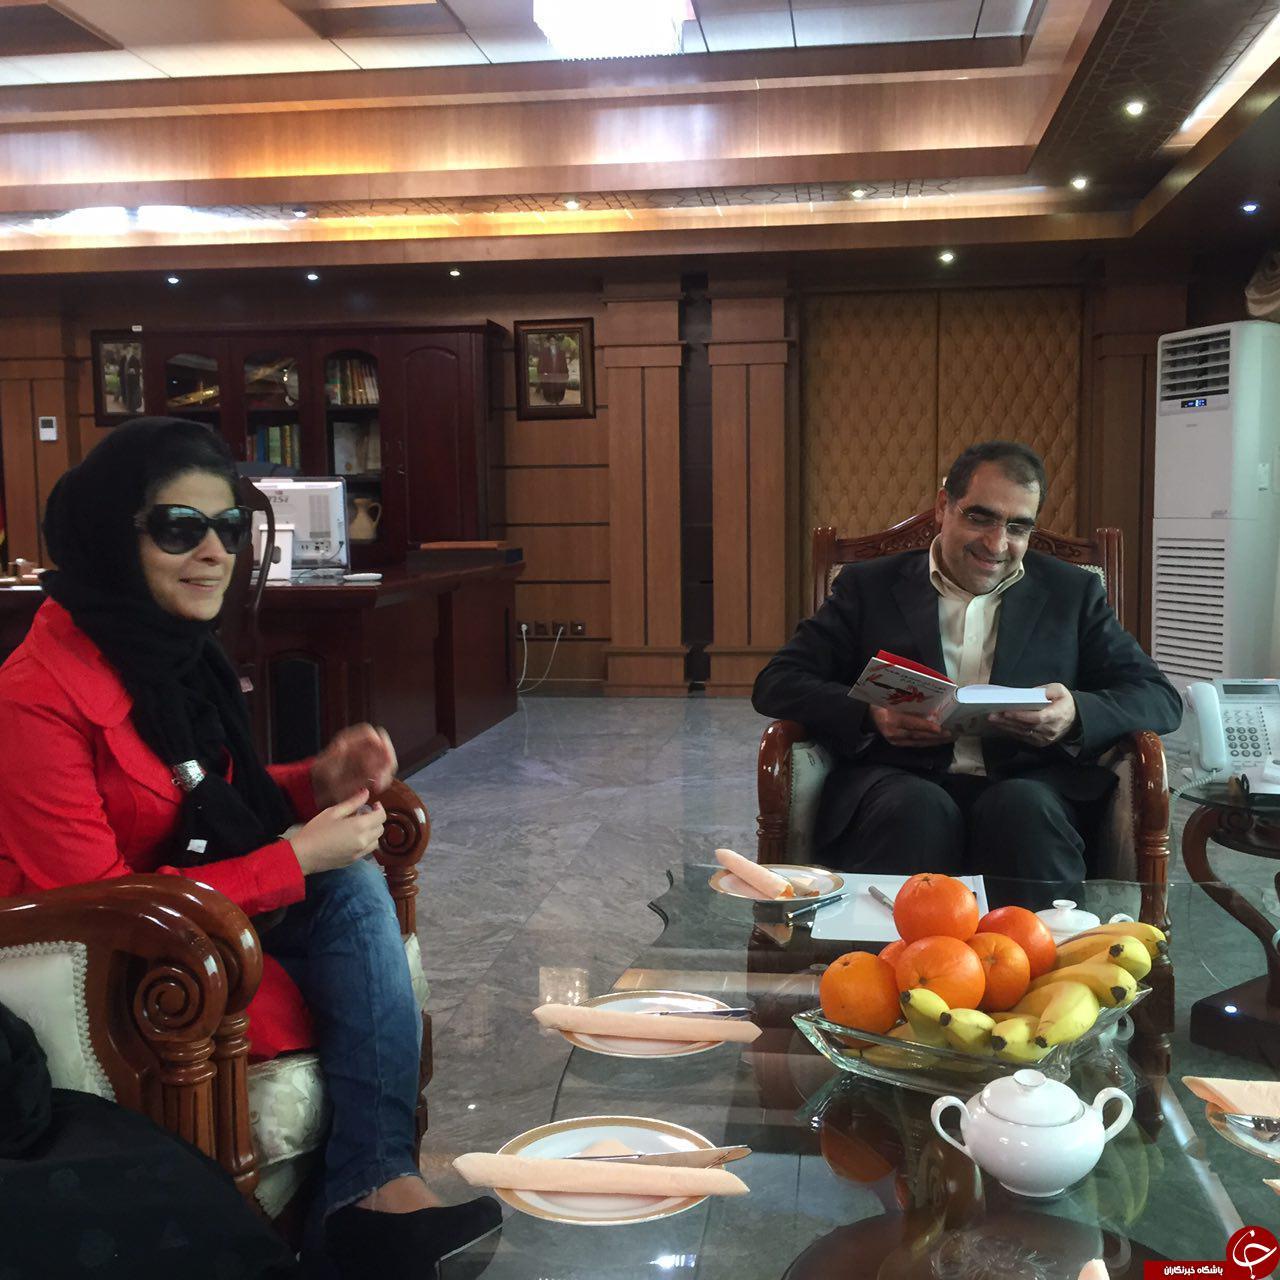 دیدار مریم حیدرزاده با وزیر بهداشت + تصاویر